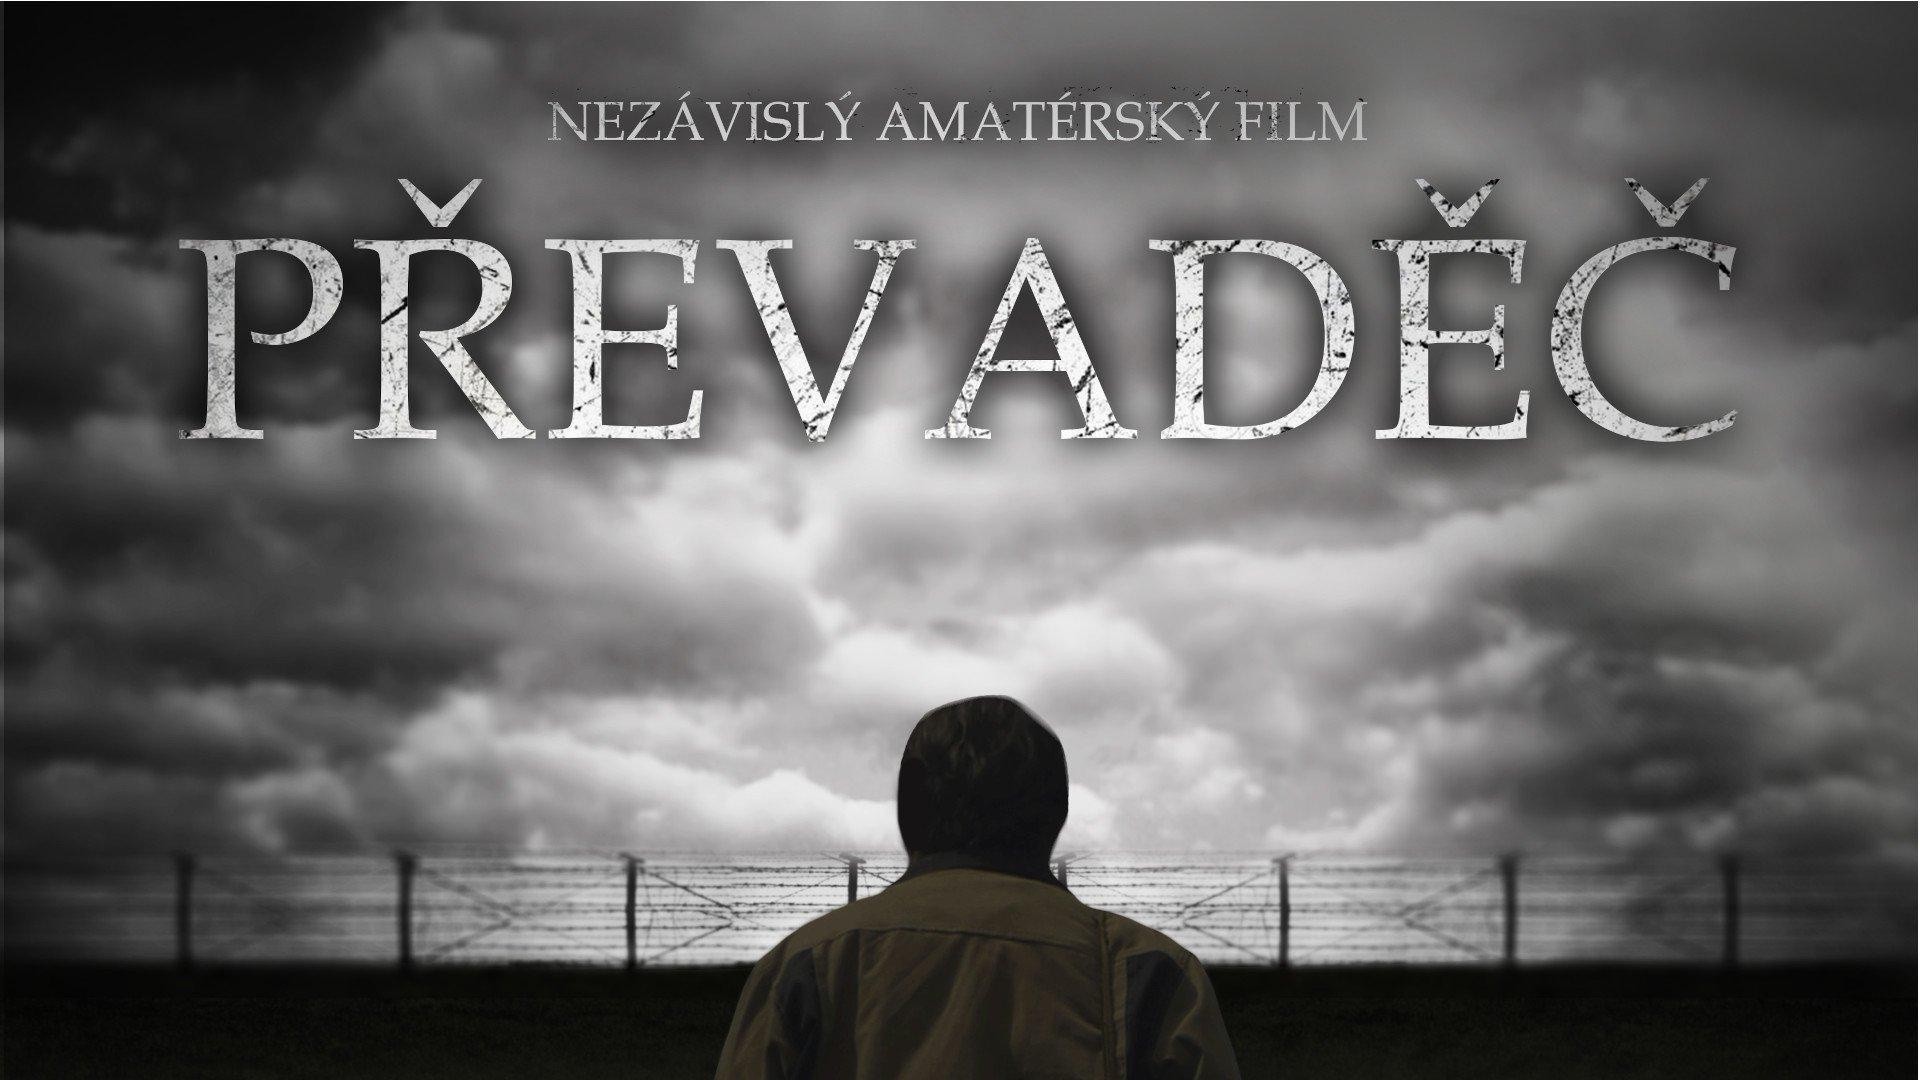 Převaděč - Nezávislý amatérský film